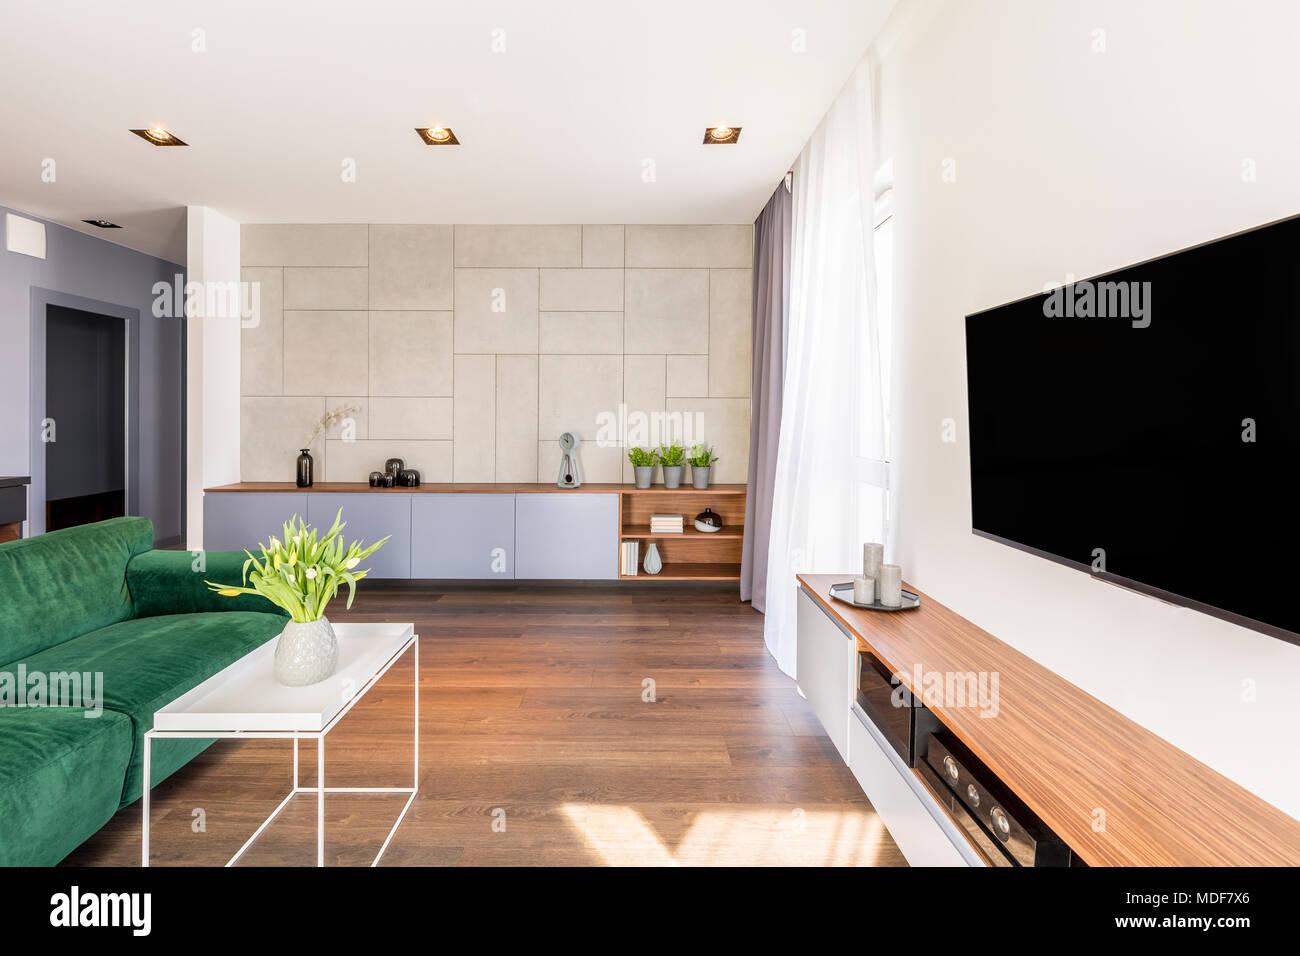 Großer Fernseher in luxuriösen Wohnzimmer Einrichtung mit gelben ...